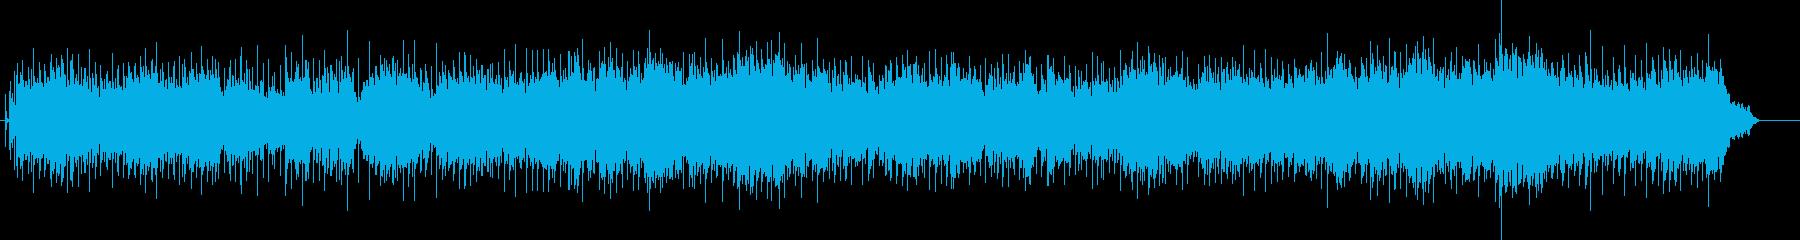 高揚するアメリカン・ロッカ・バラード風の再生済みの波形